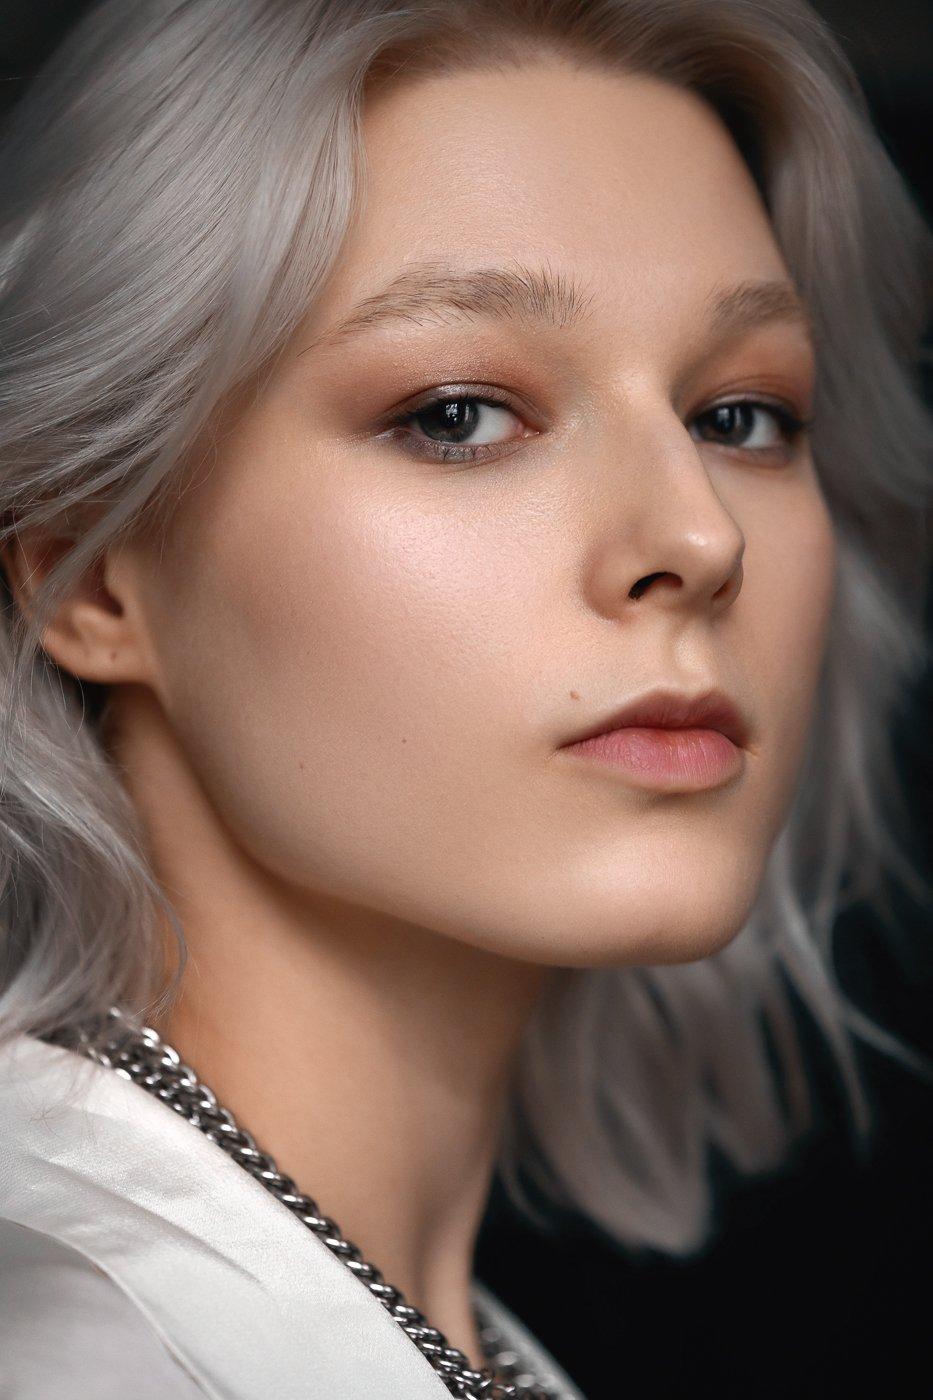 color, woman, portrait, Соколов Павел